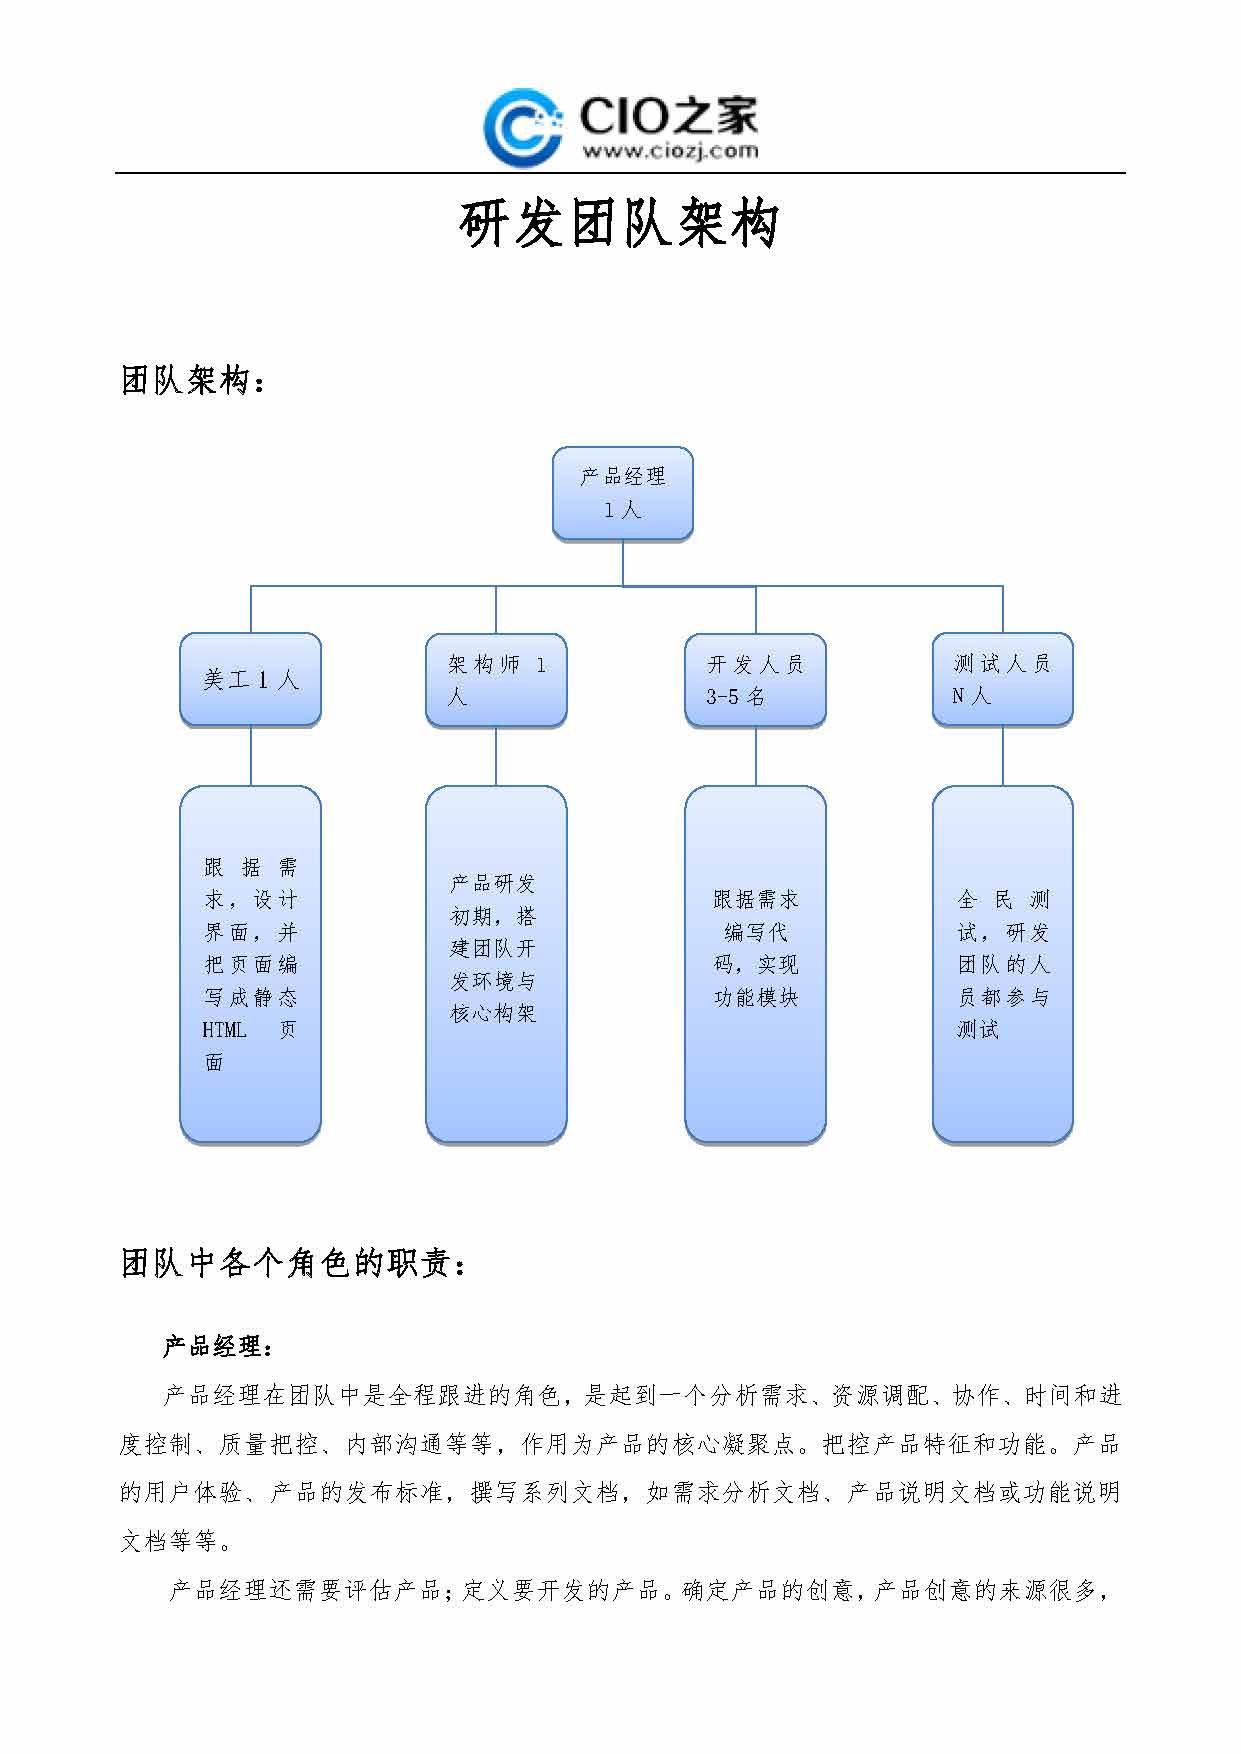 CIO之家-研发团队架构